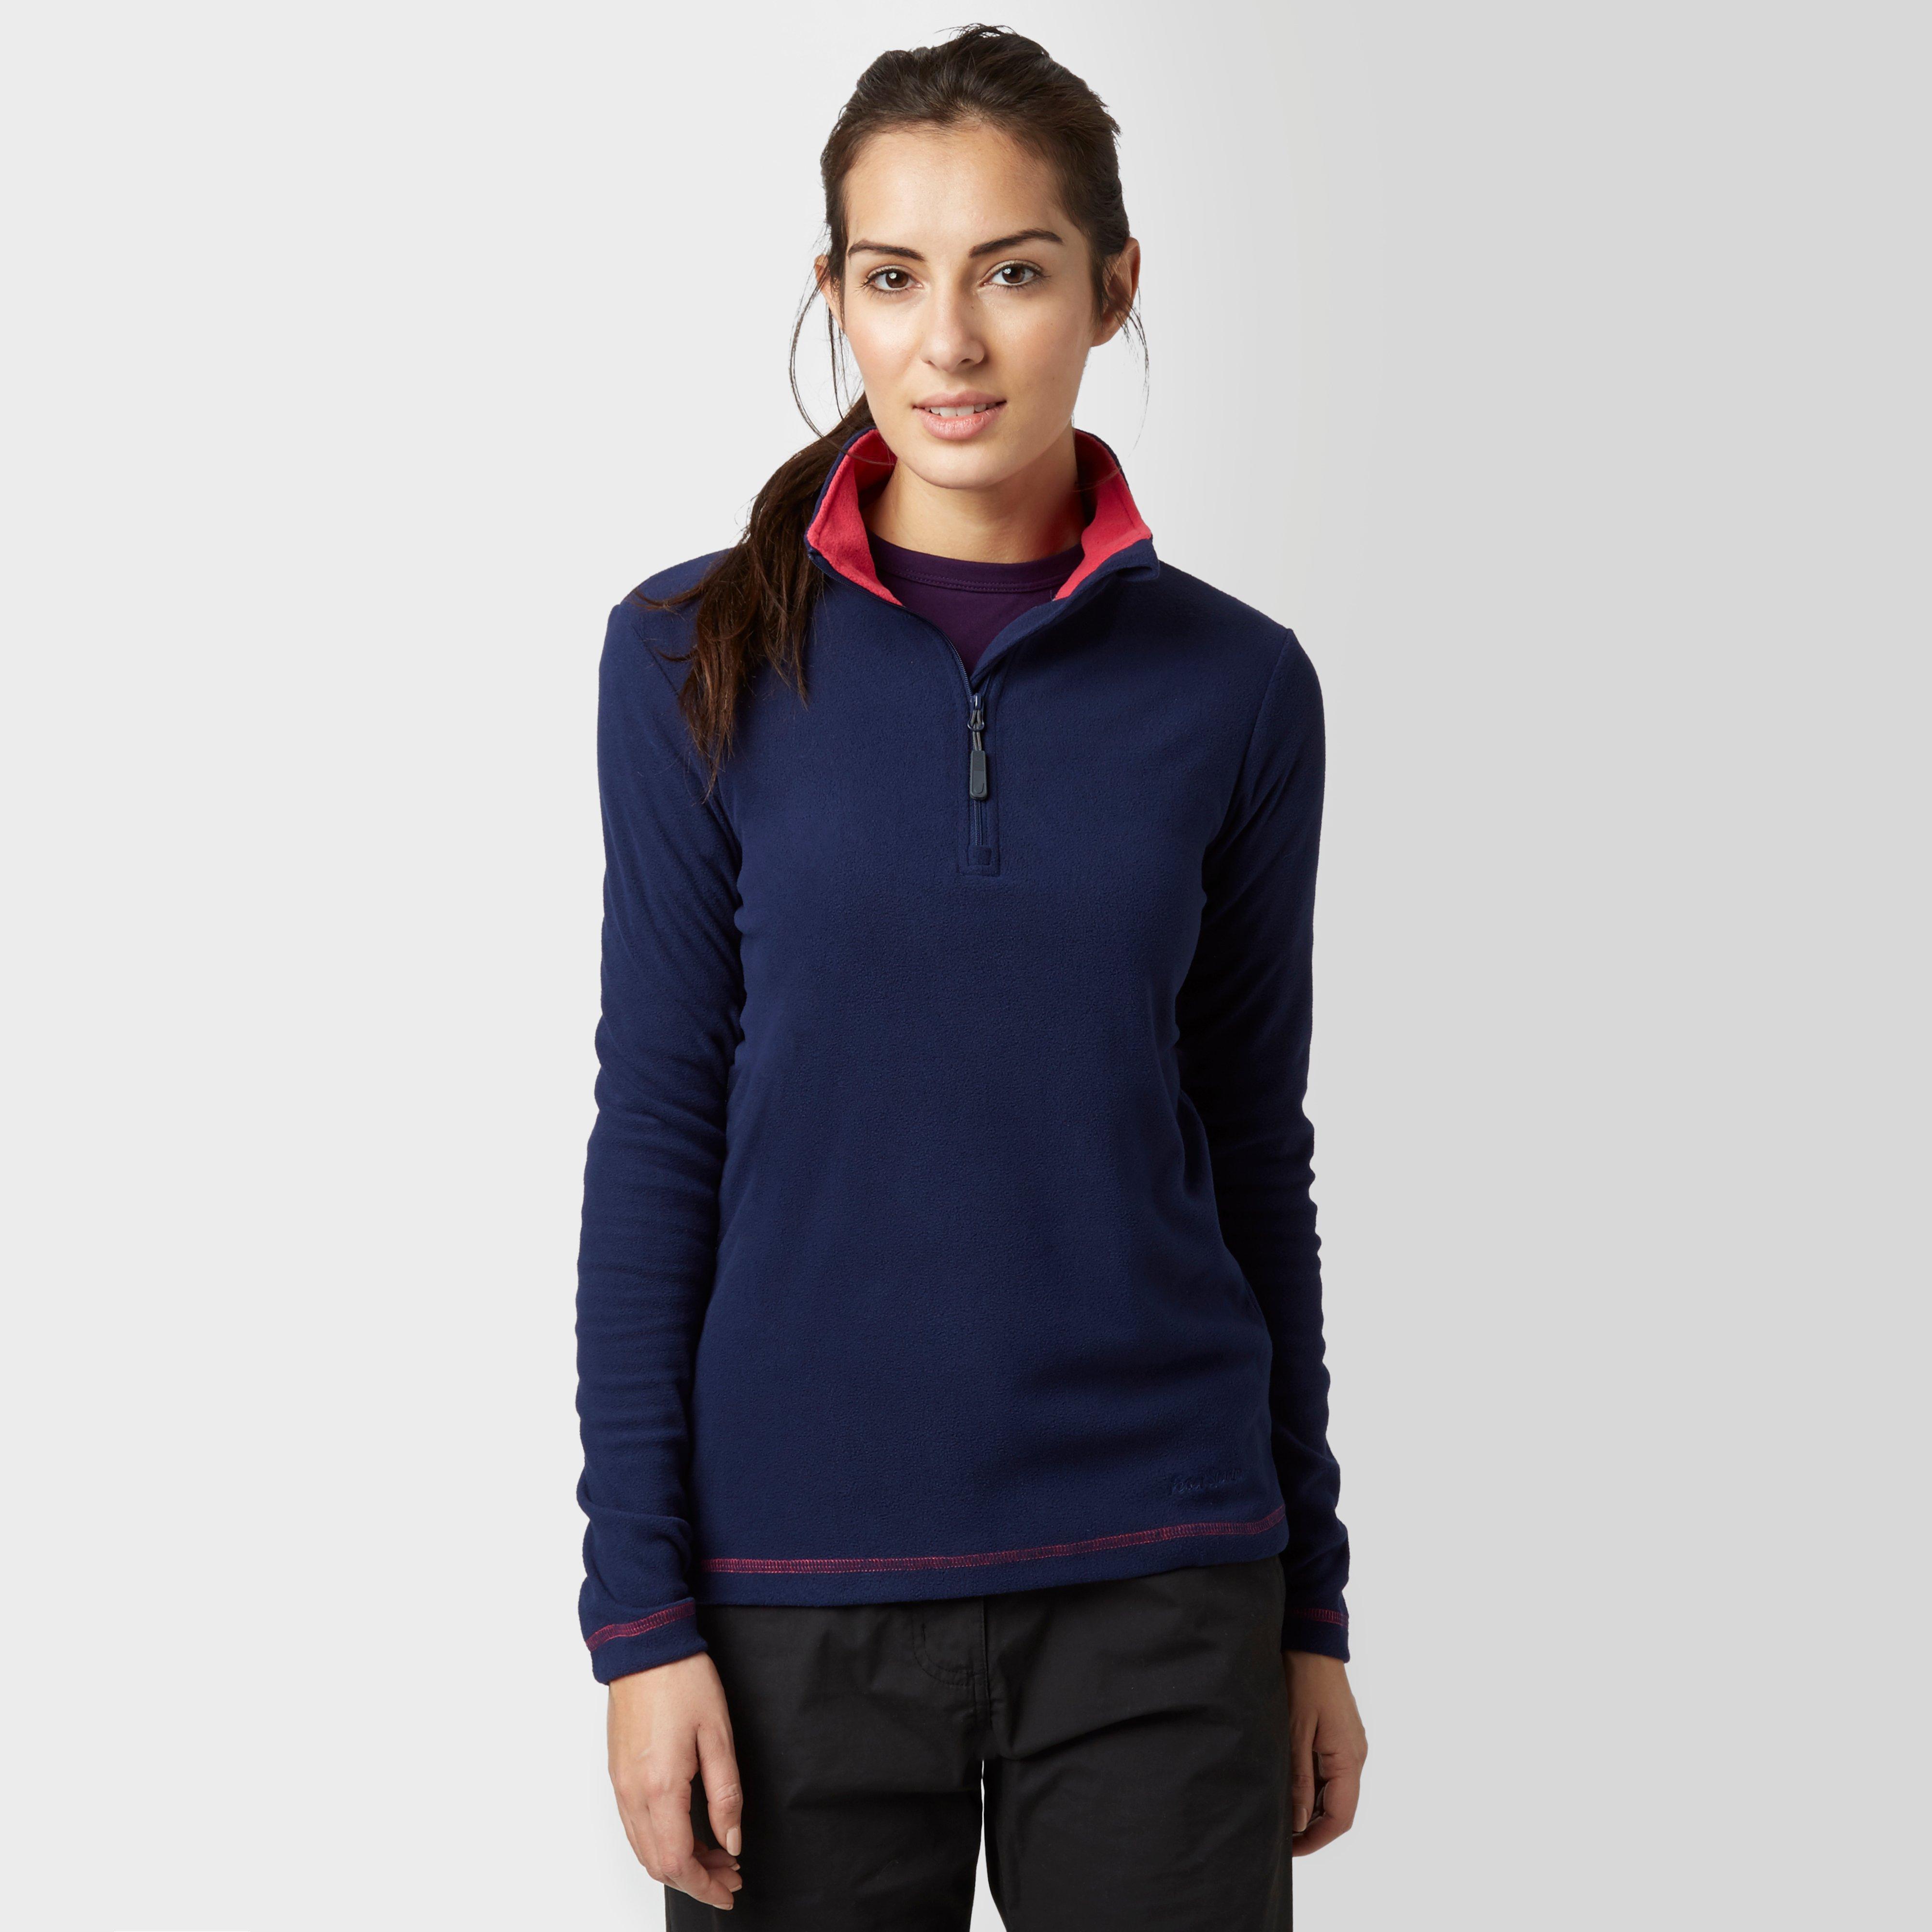 Womens Fleece Jackets & Gilets | Millets